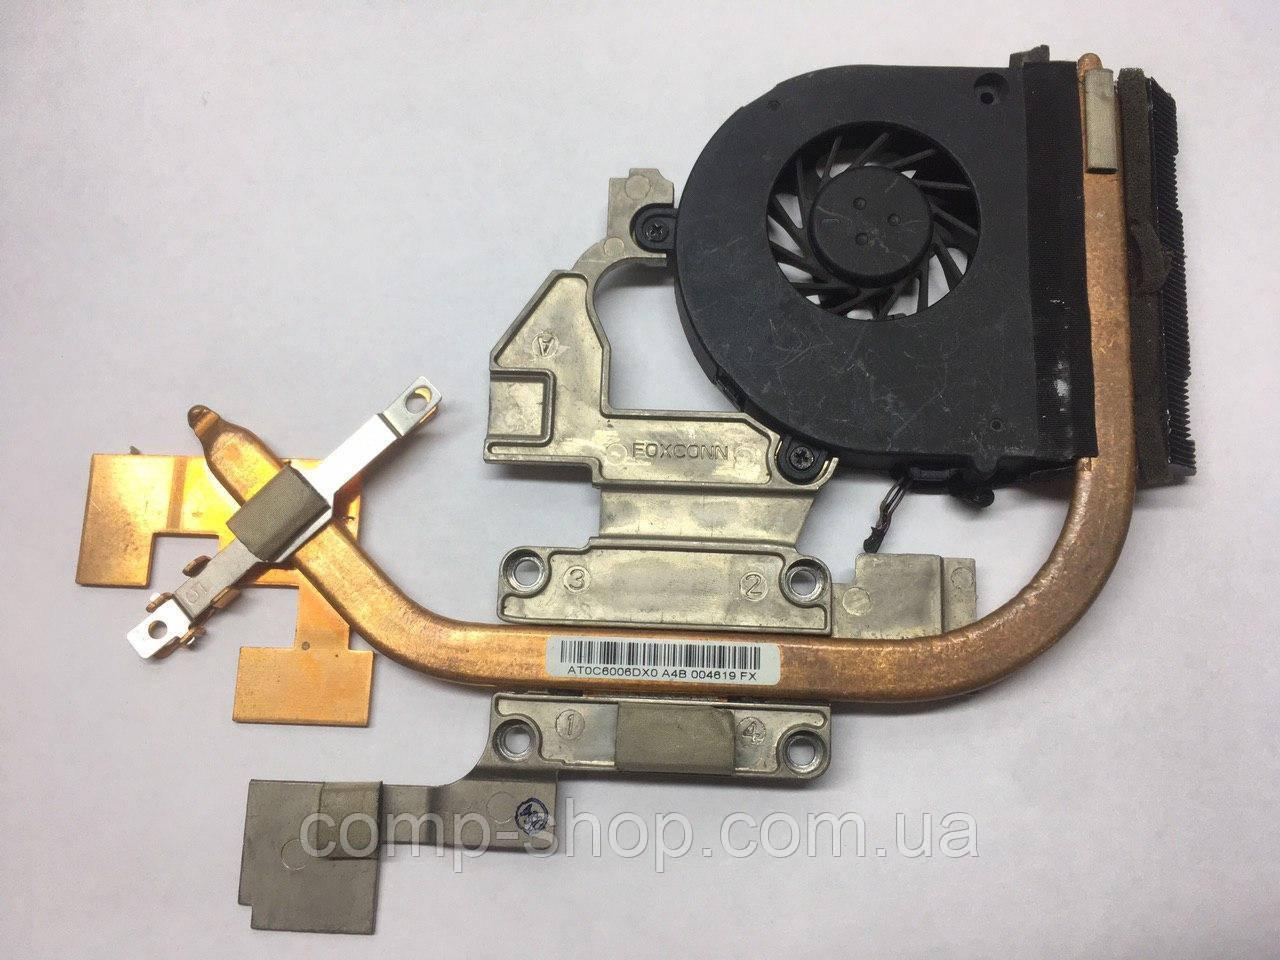 БУ Система охлаждения для ноутбука ACER 5551 AT0C6006DX0 A4B (Оригинал)